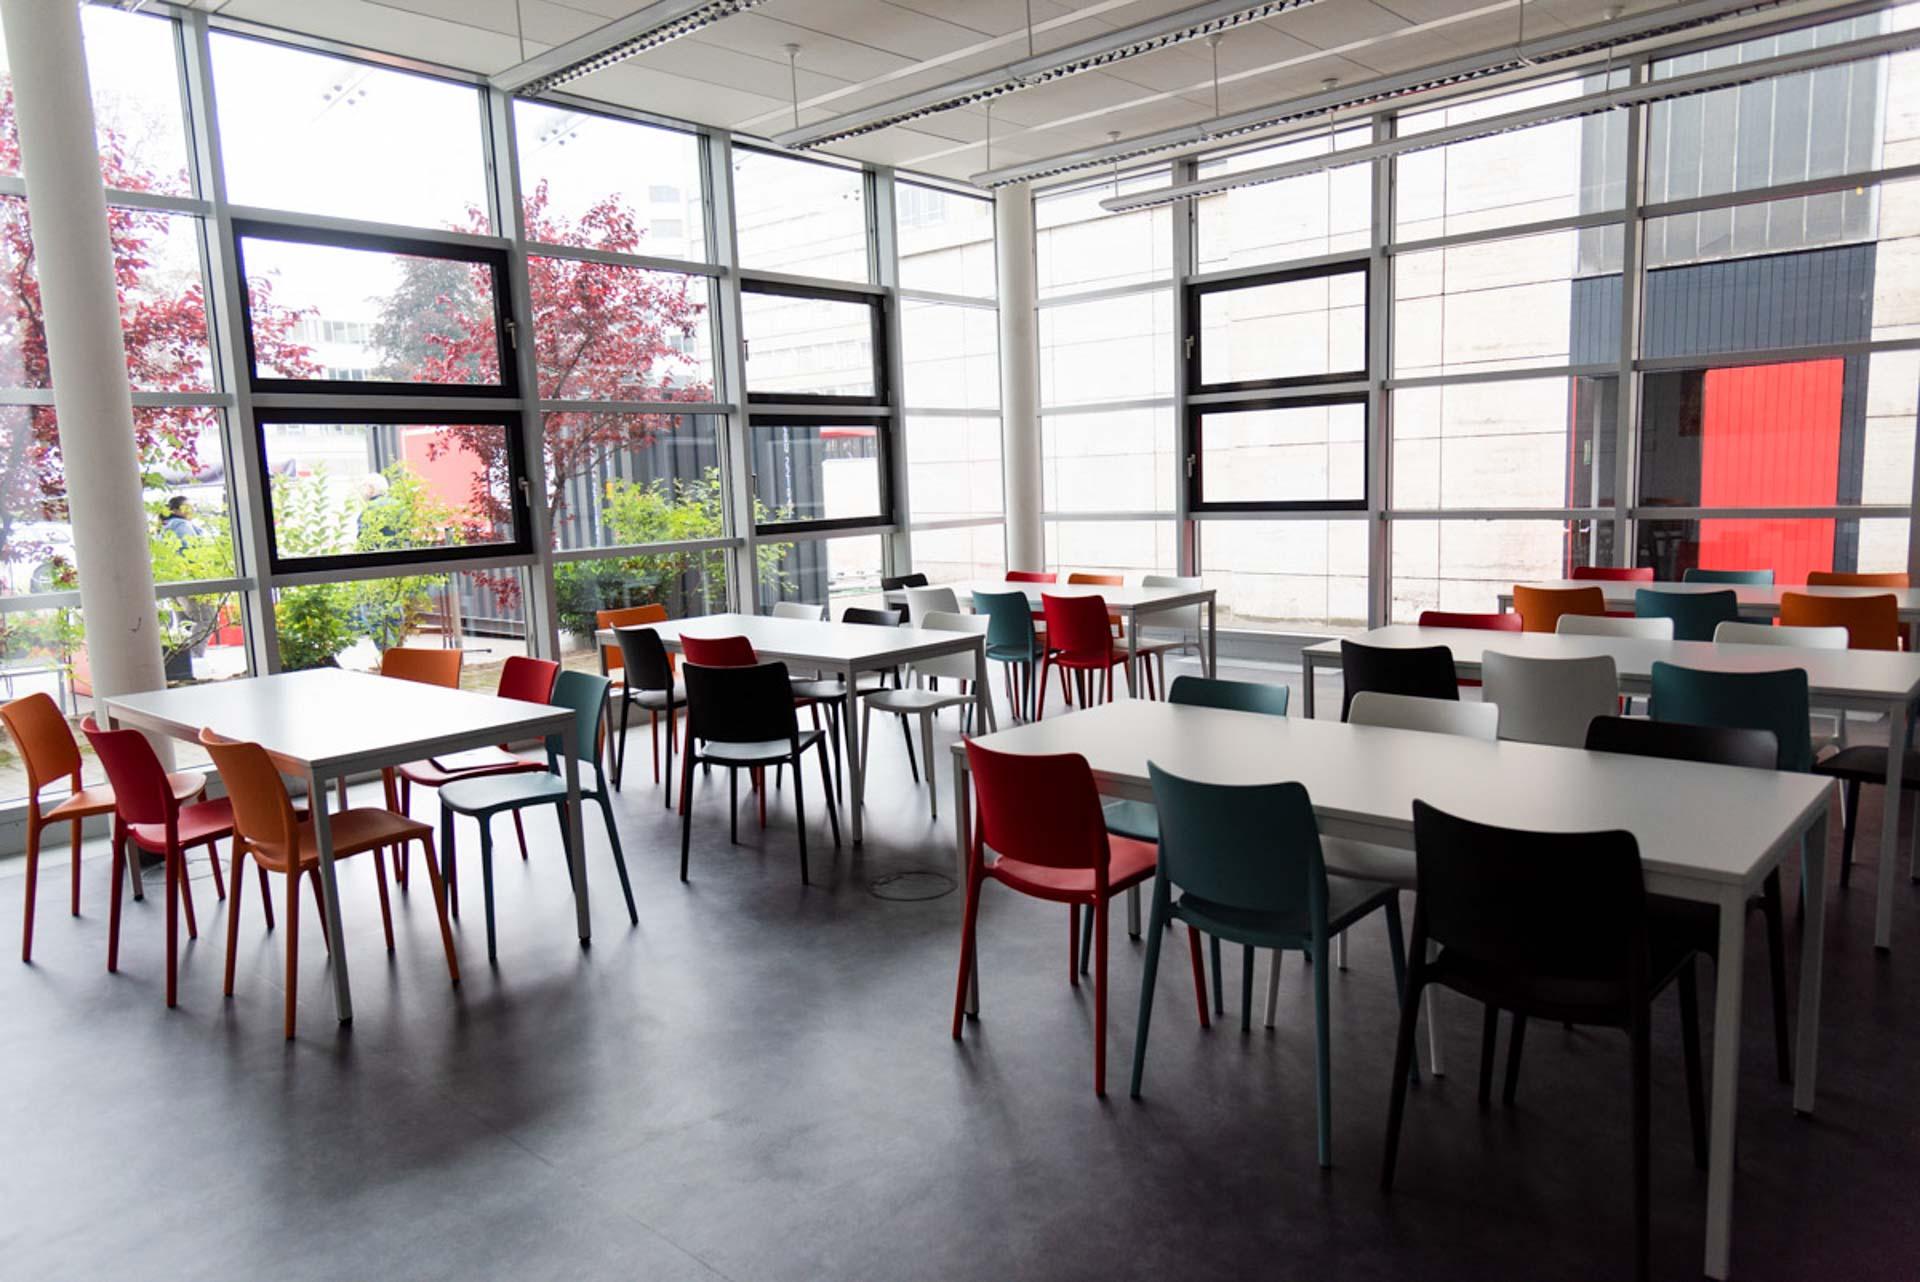 Kantine des Quartier231 mit Blick nach draußen. Der Raum ist vollverglast mit Blick auf den Food Corner, an weißen Tischen können bis zu sechs Personen auf pastellfarbenen Stühlen platznehmen.